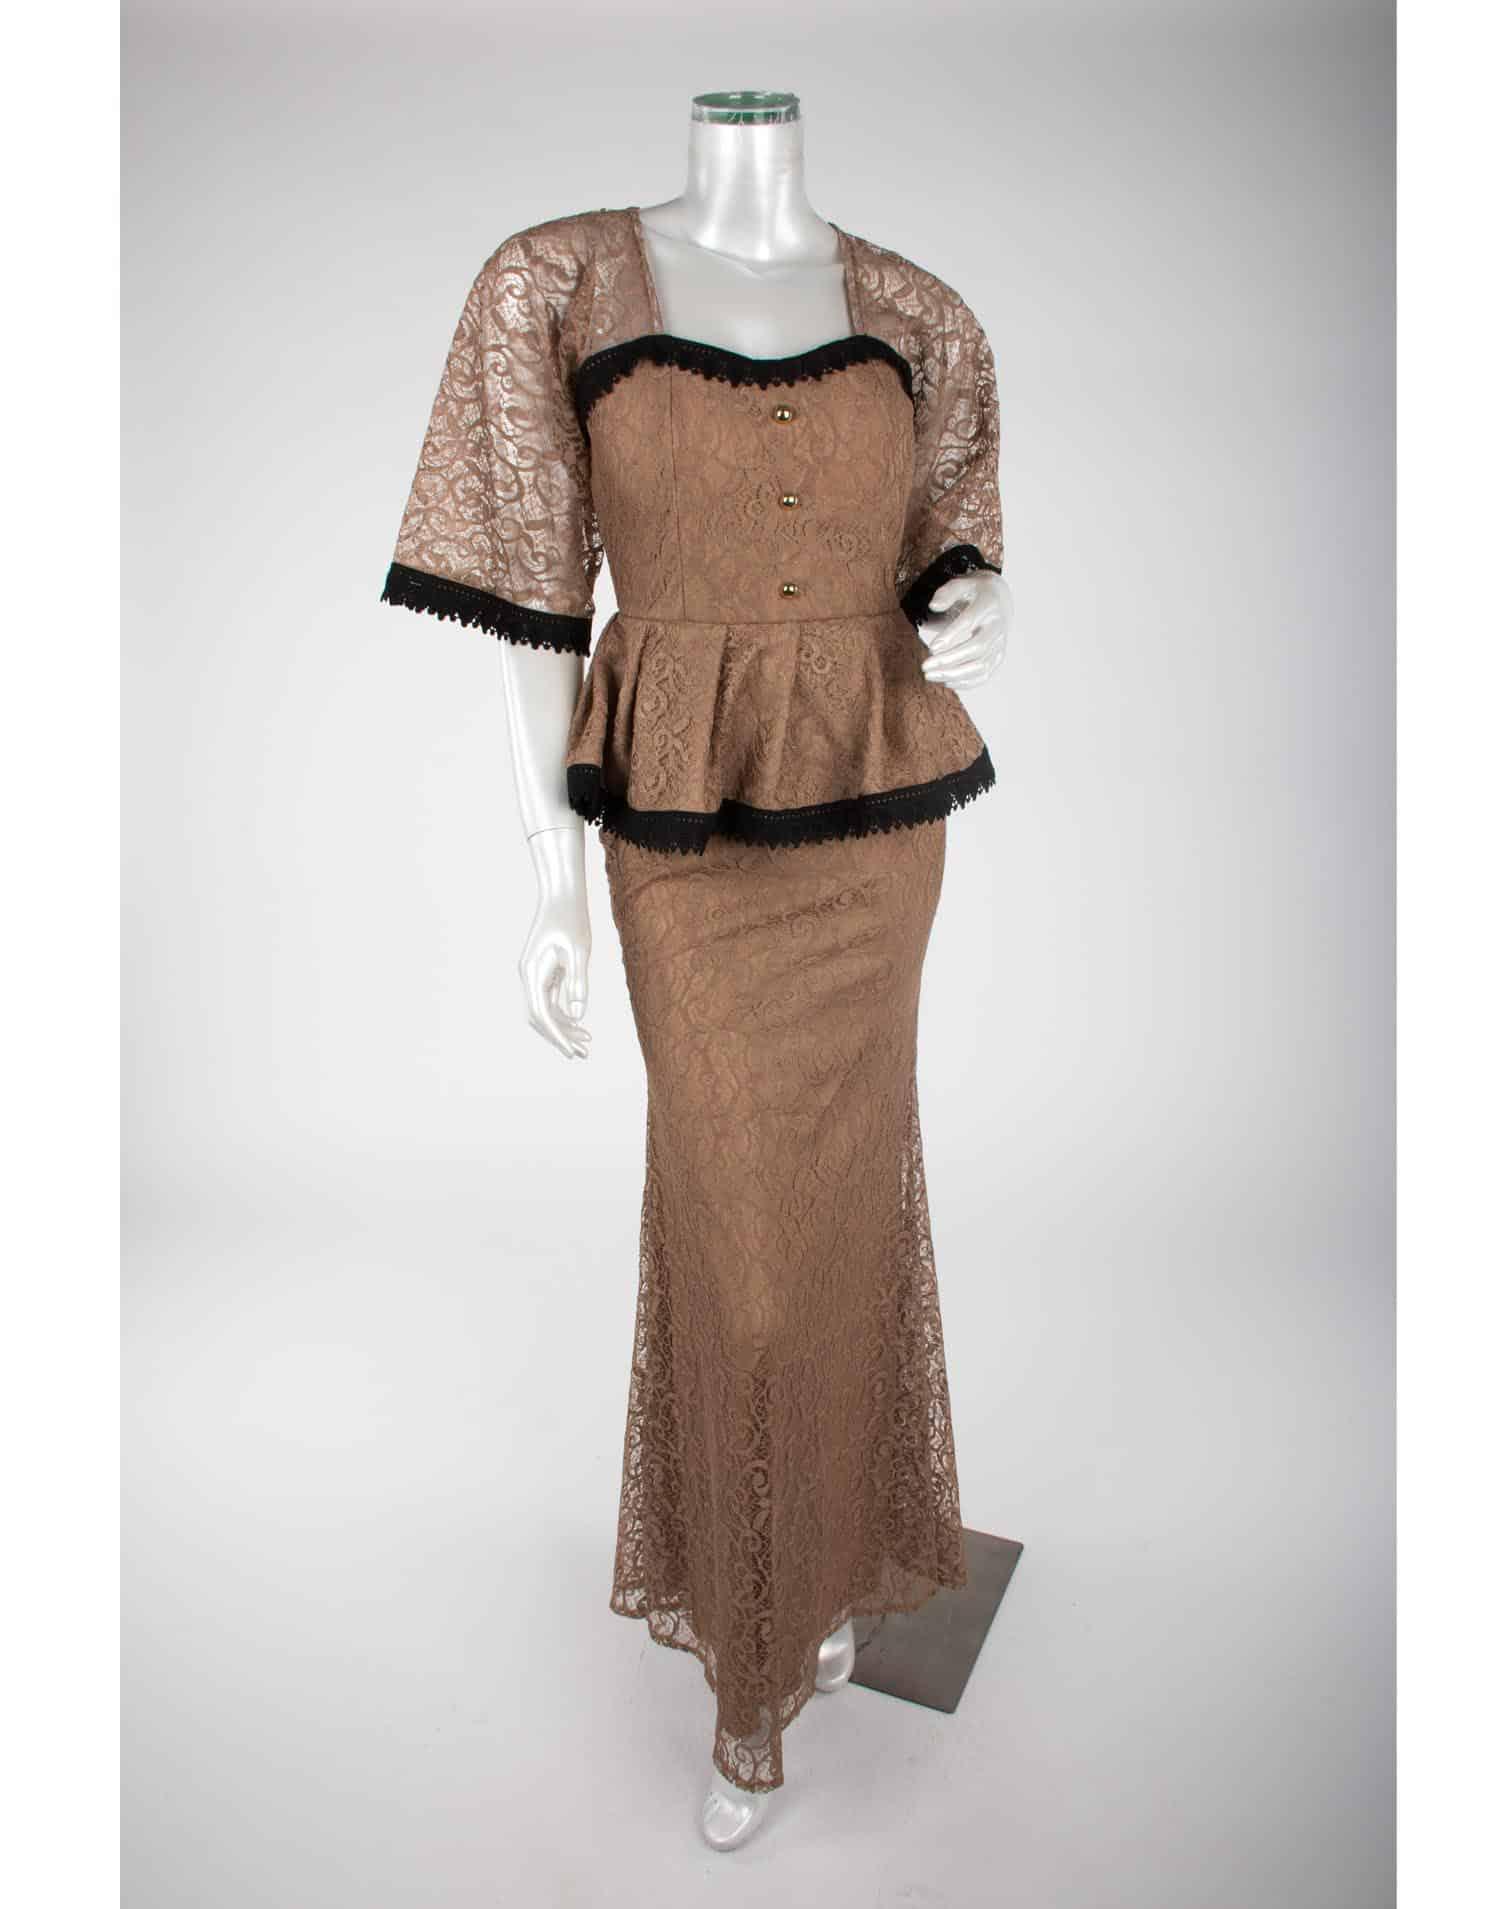 أحدث تصميمات الفساتين البنى على الطراز التركى روعة